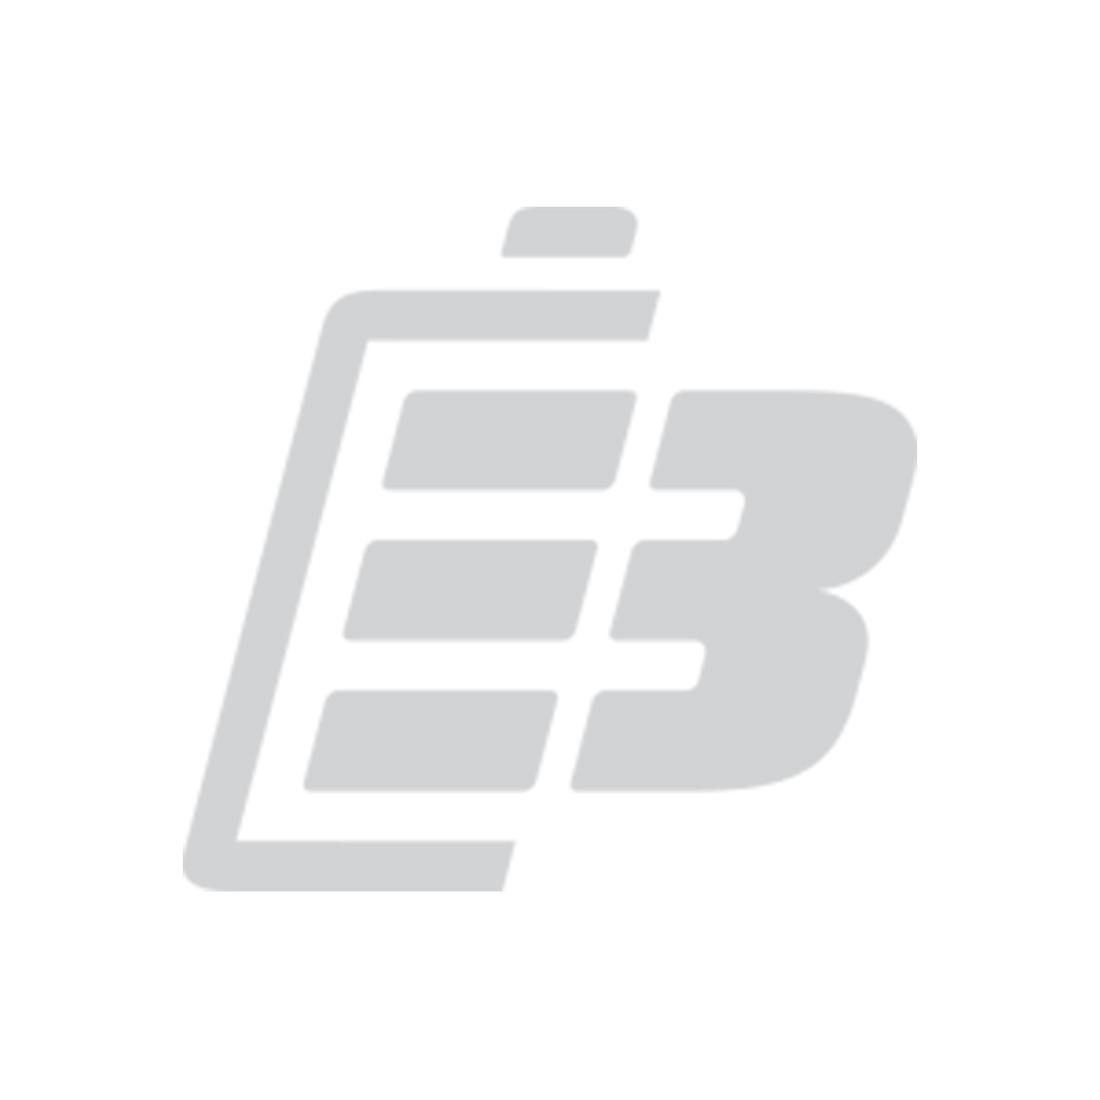 Camcorder battery Aiptek Pocket DV Z300HD_1